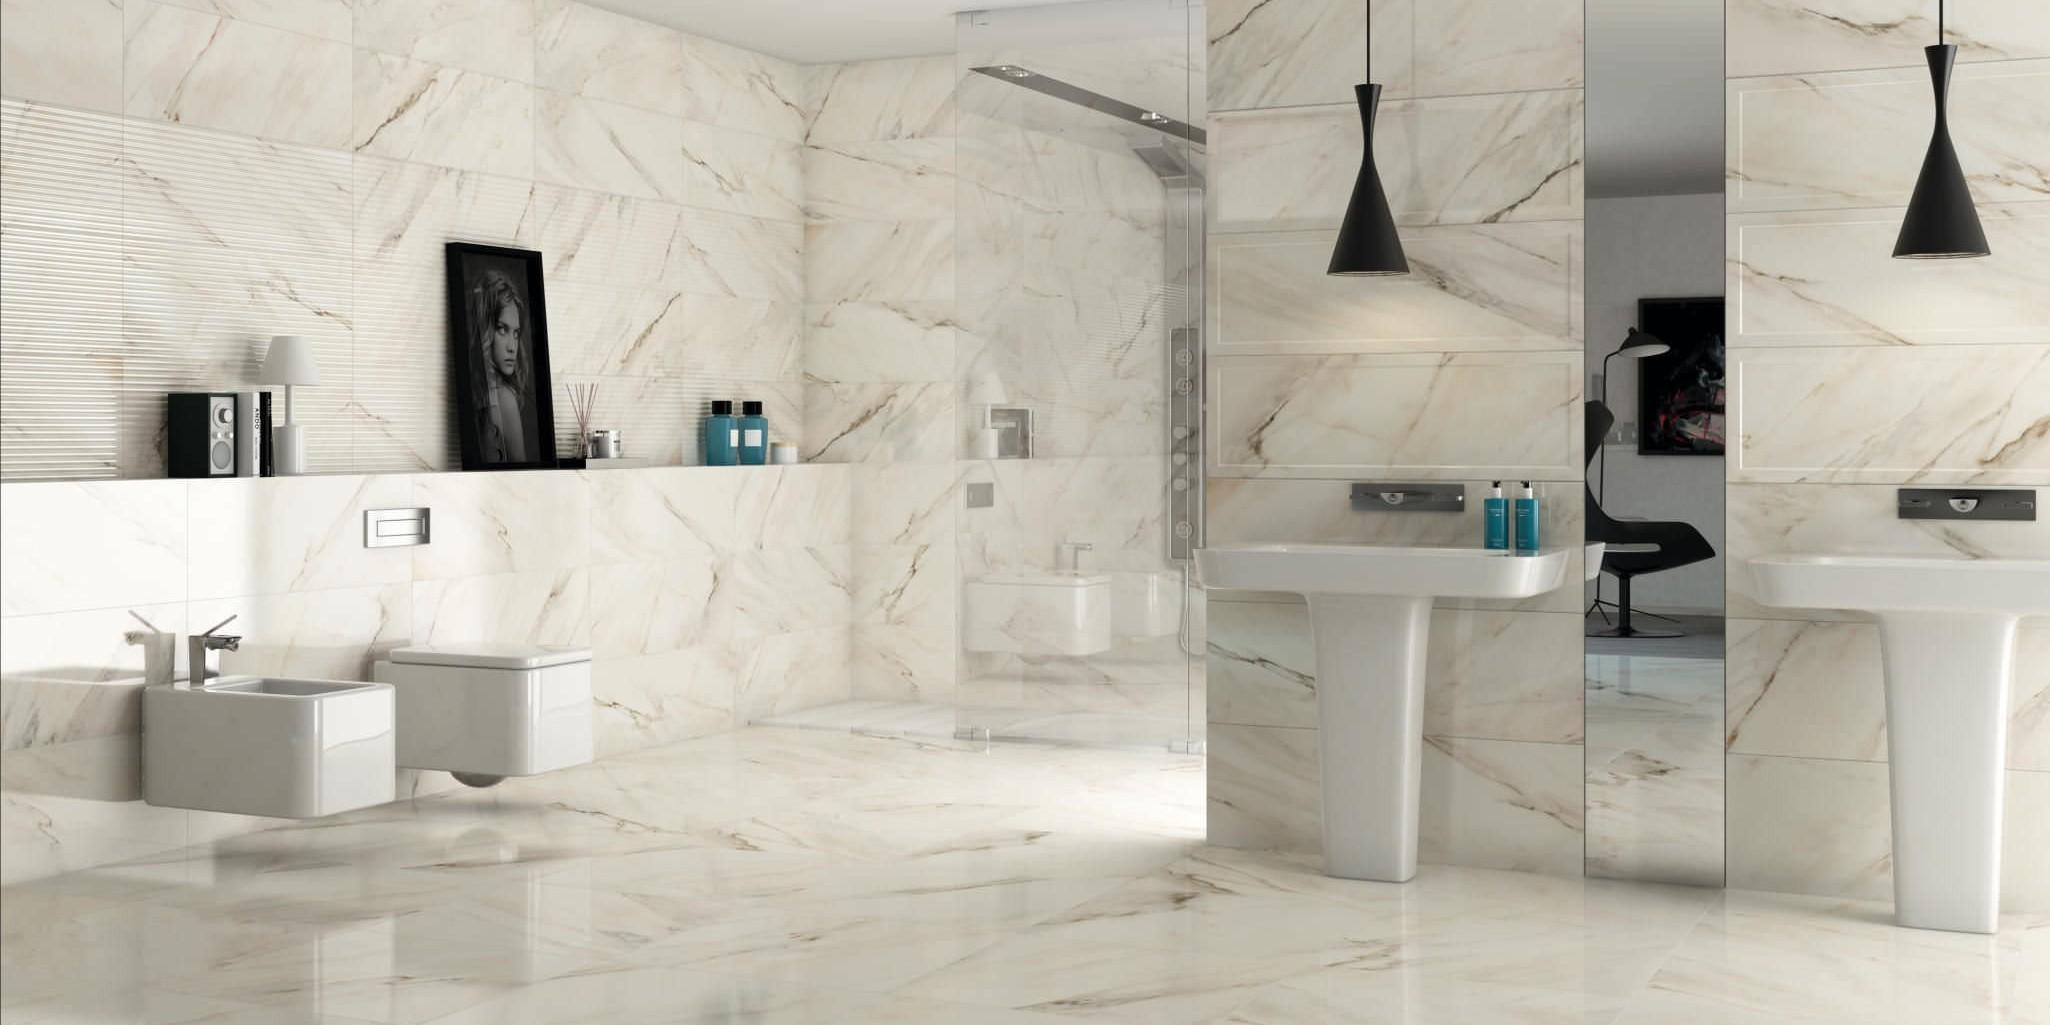 Come possiamo pulire il marmo in maniera ecologica - Pulire piastrelle bagno ...